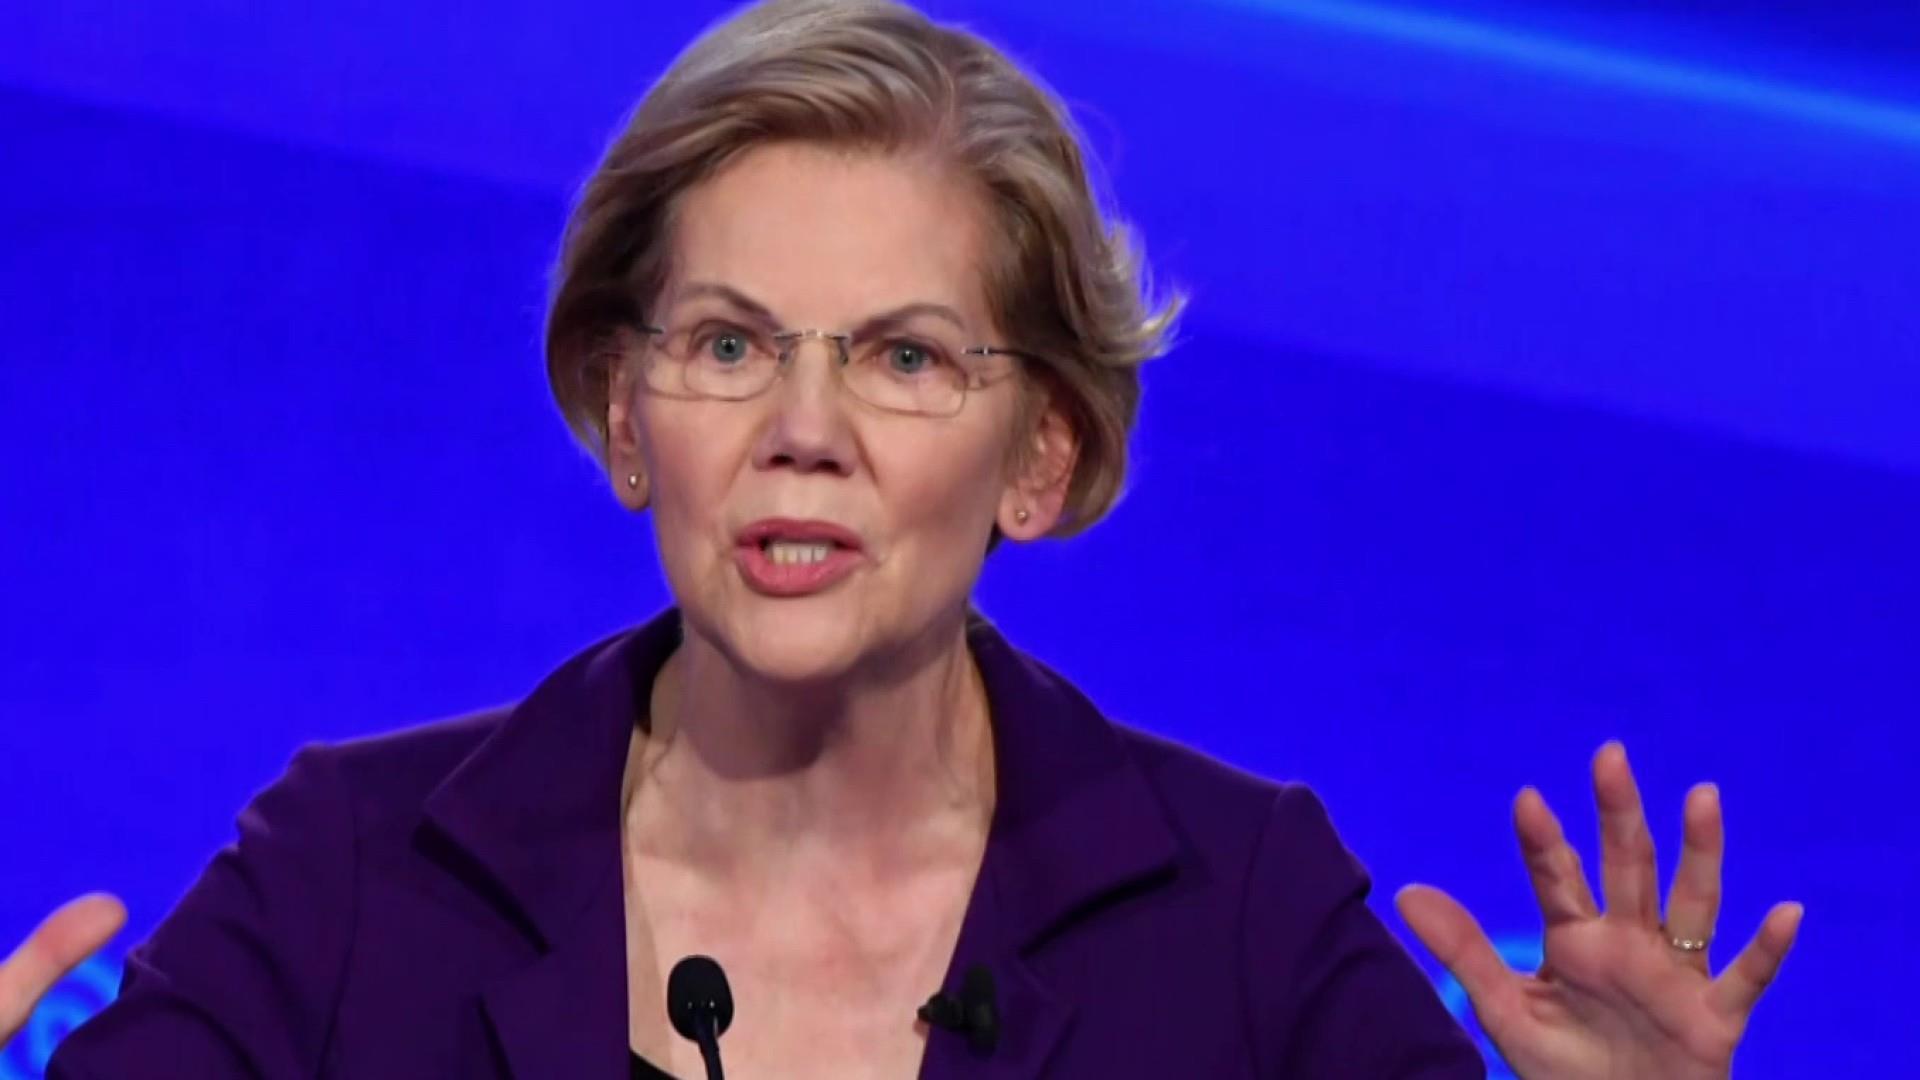 2020 Democrats try to blunt Elizabeth Warren's momentum at Democratic debate